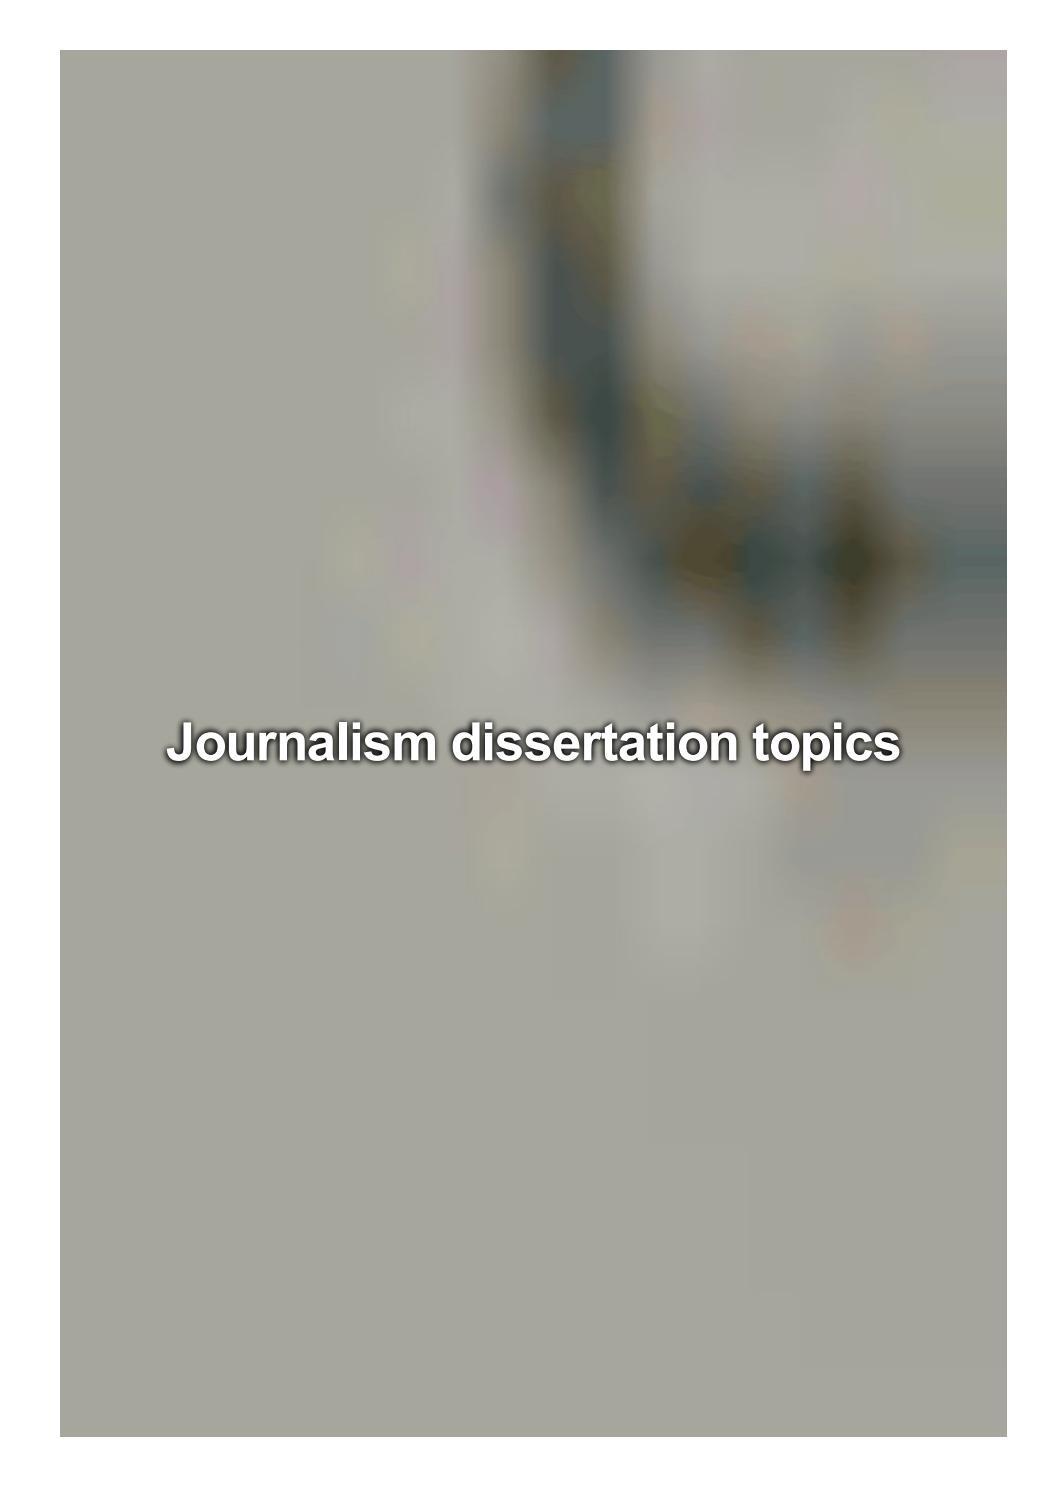 journalism dissertation